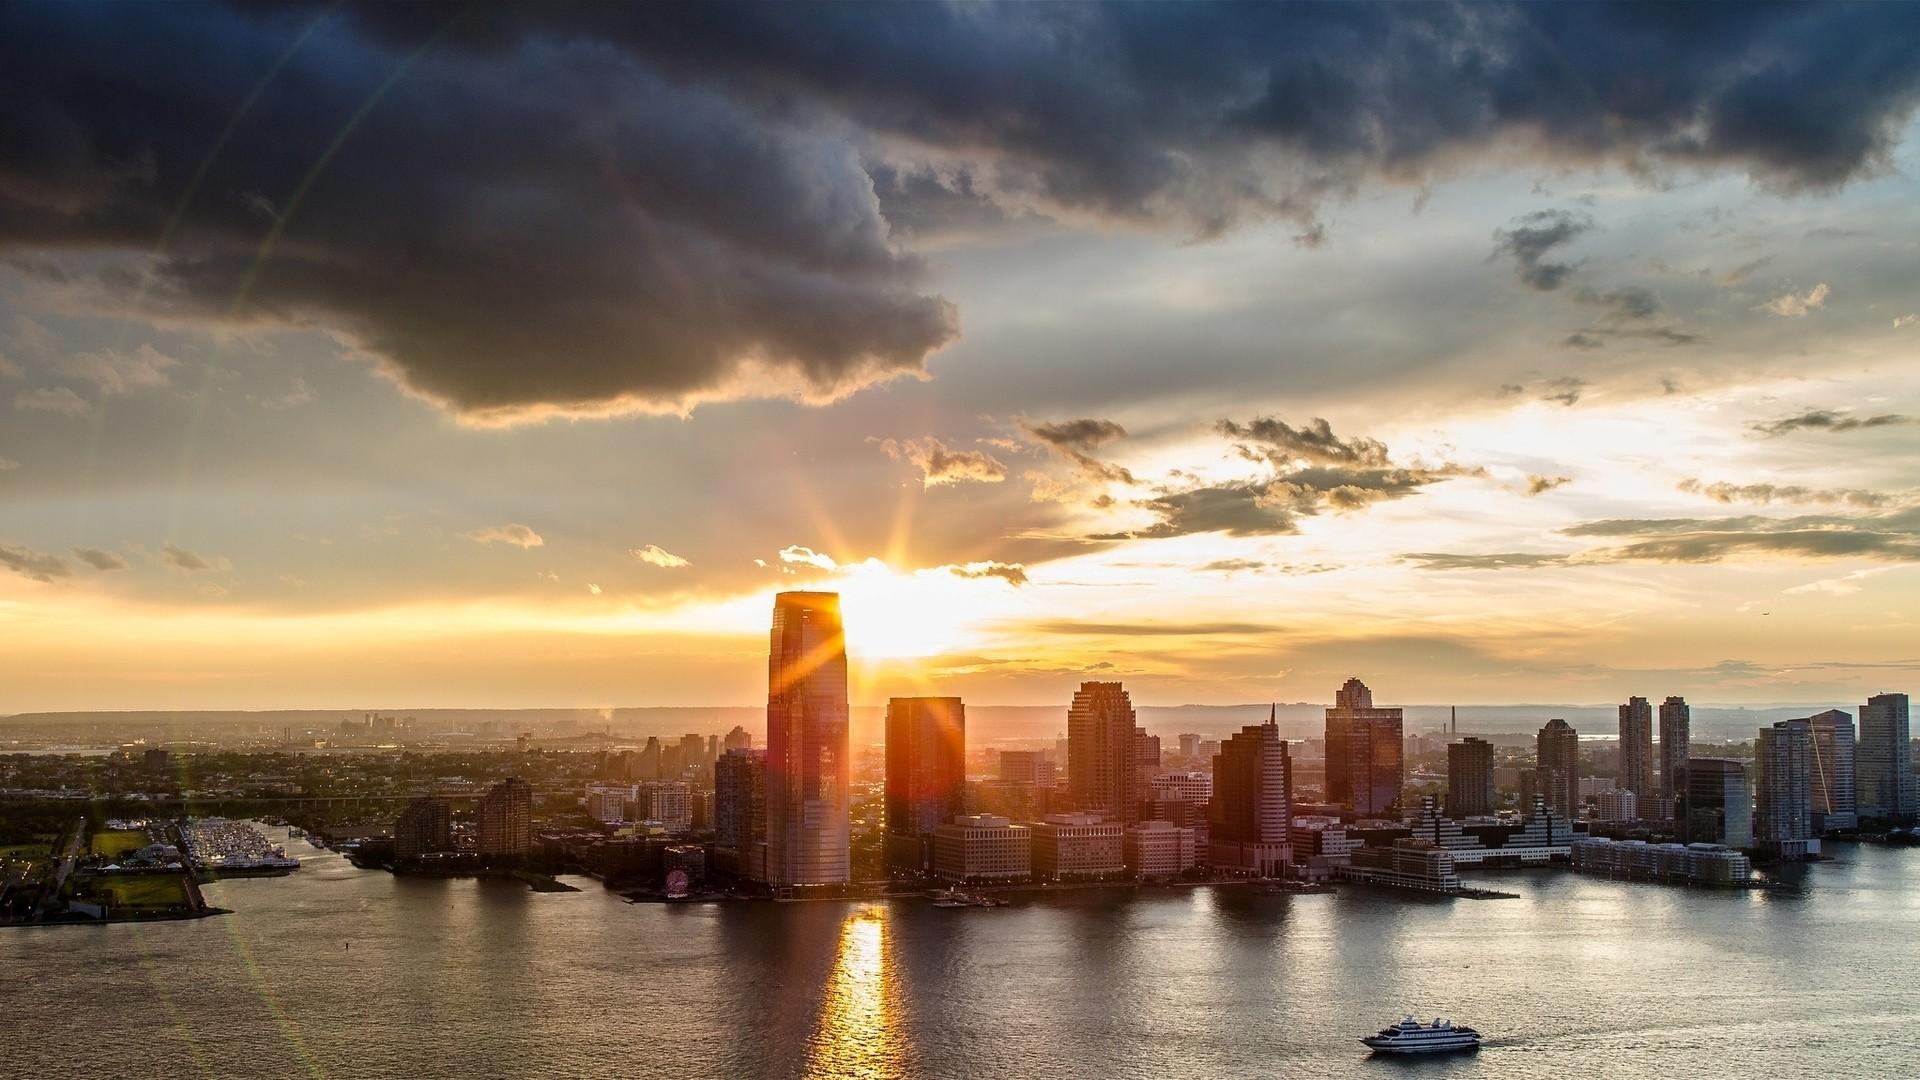 картинки города на закате дня вот-вот